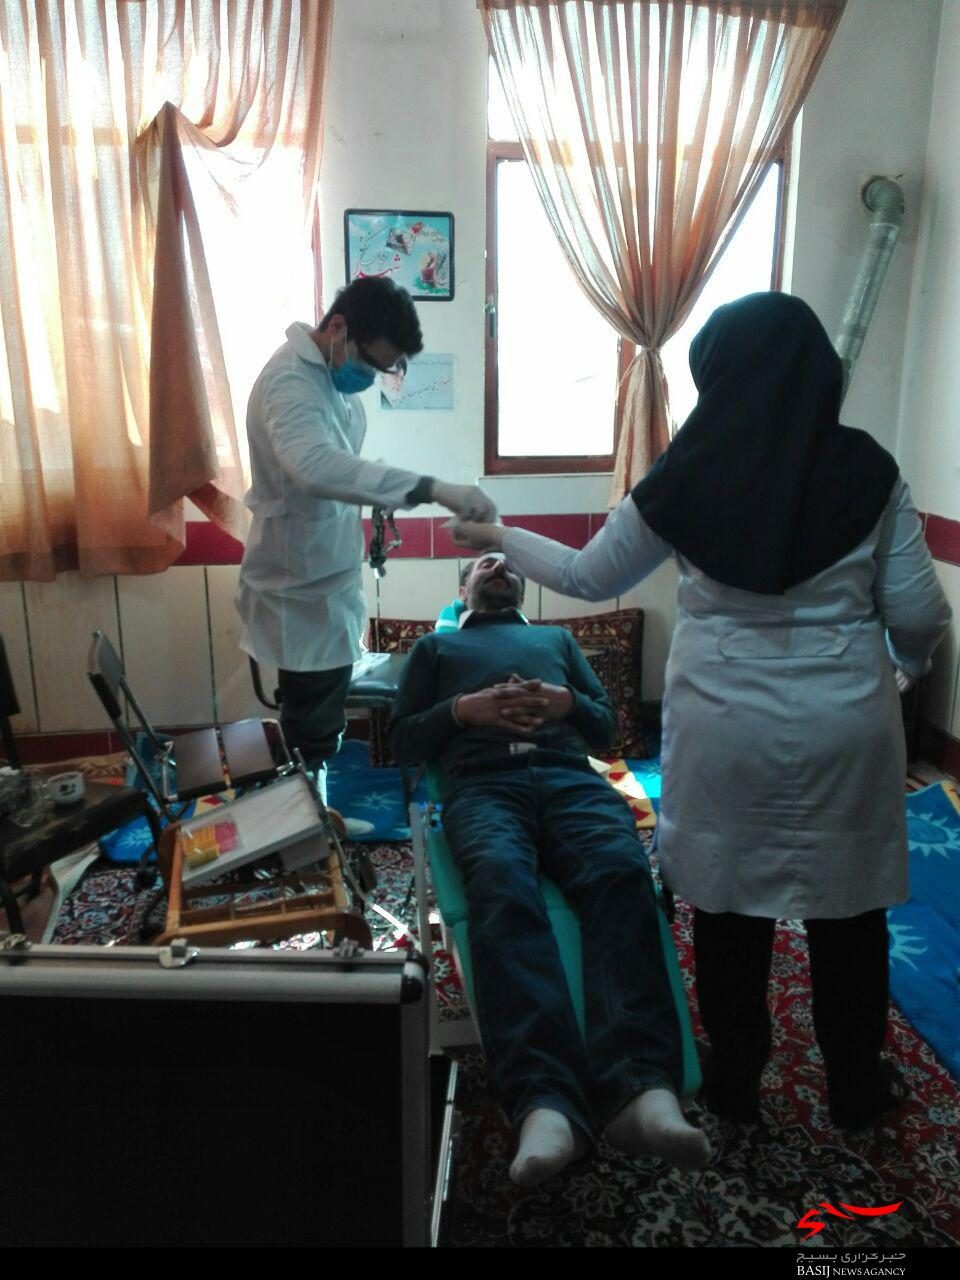 خدمات دندانپزشکی رایگان گروه جهادی فاطمه الزهرا(س) در روستای احمد آباد مصدق